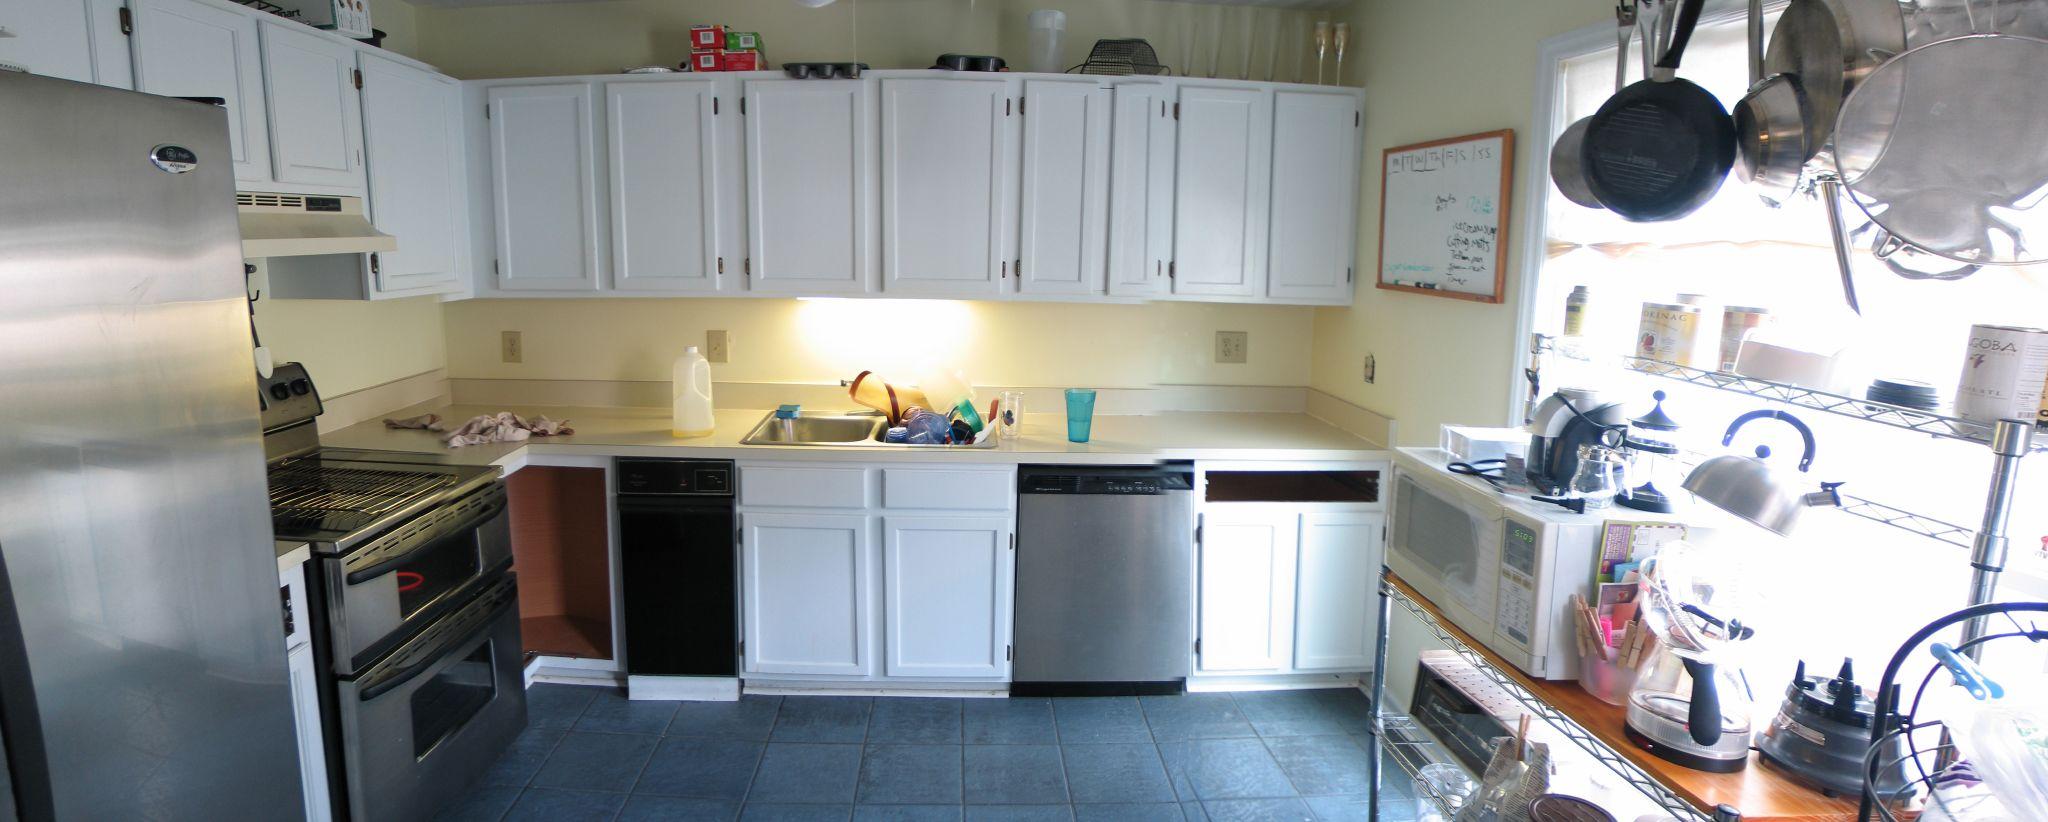 Homedepot Kitchen And Bath Brillant White Caulk